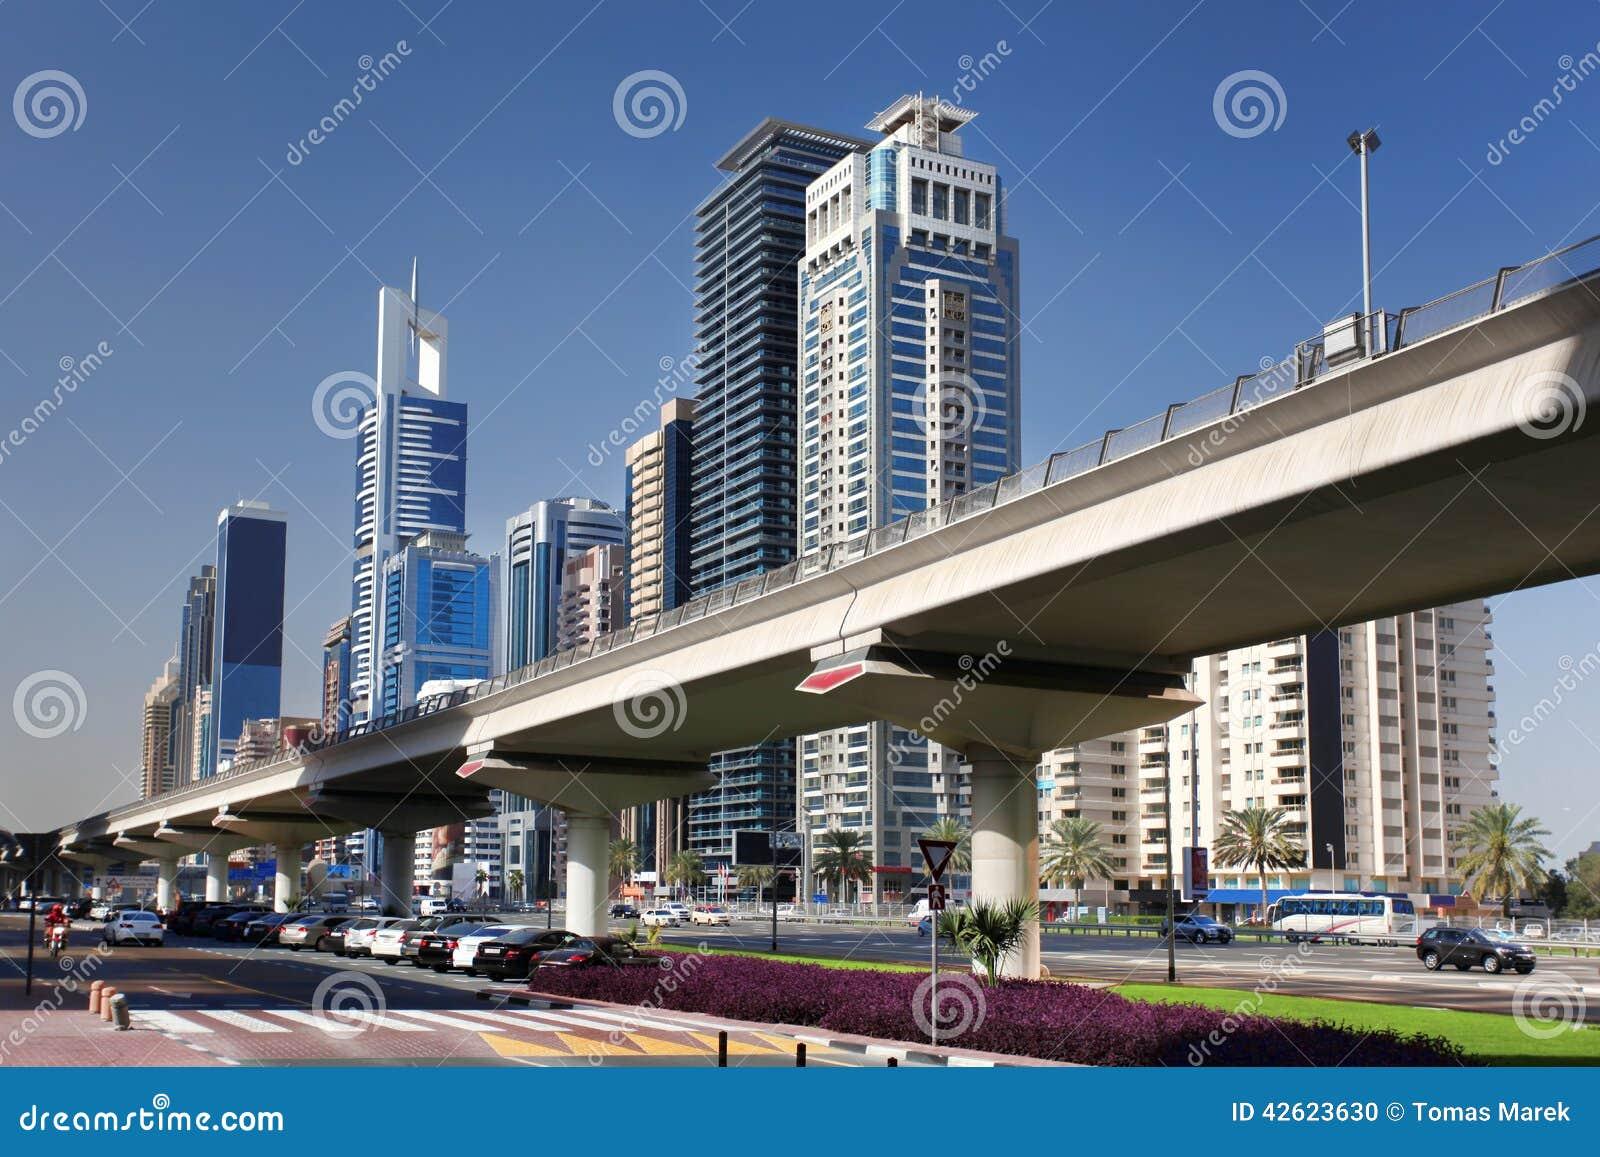 Dubai Metro against skyscrapers, United Arab Emirates